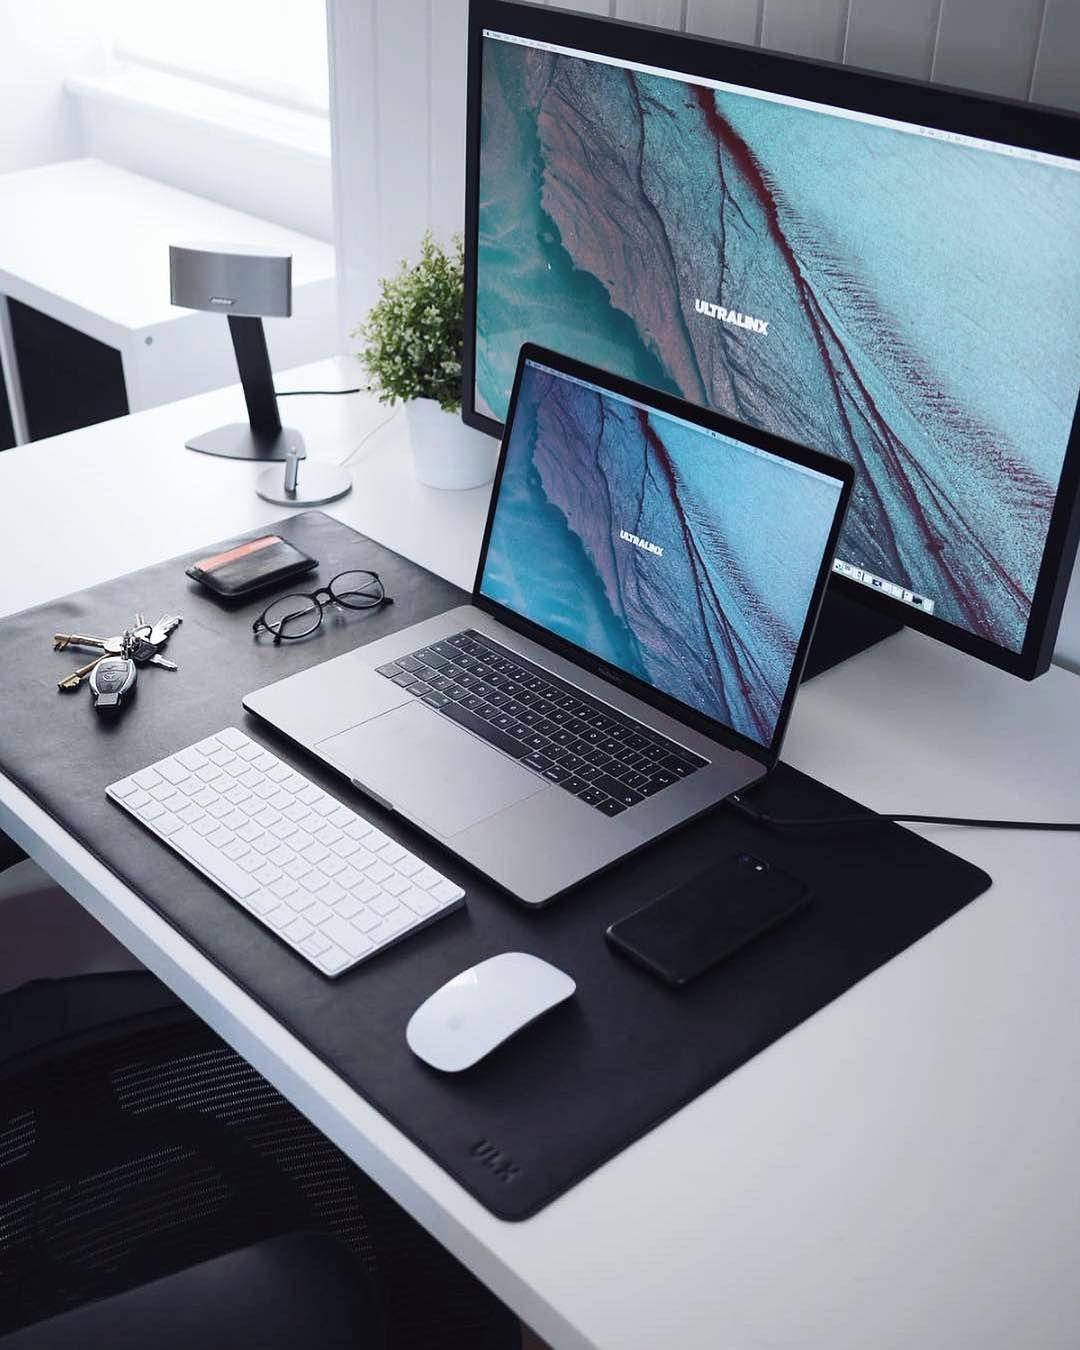 5 740 Likes 17 Comments Minimal Setups Minimalsetups On Instagram Jeffnh Idee Deco Chambre Moderne Inspiration Pour Espace De Travail Bureau Design